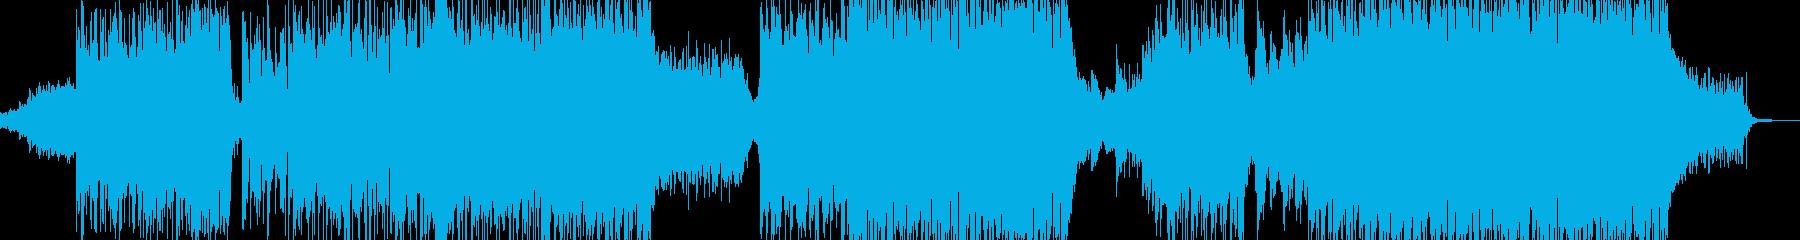 闇→光・爽快で感動的に展開 エレキ有A+の再生済みの波形